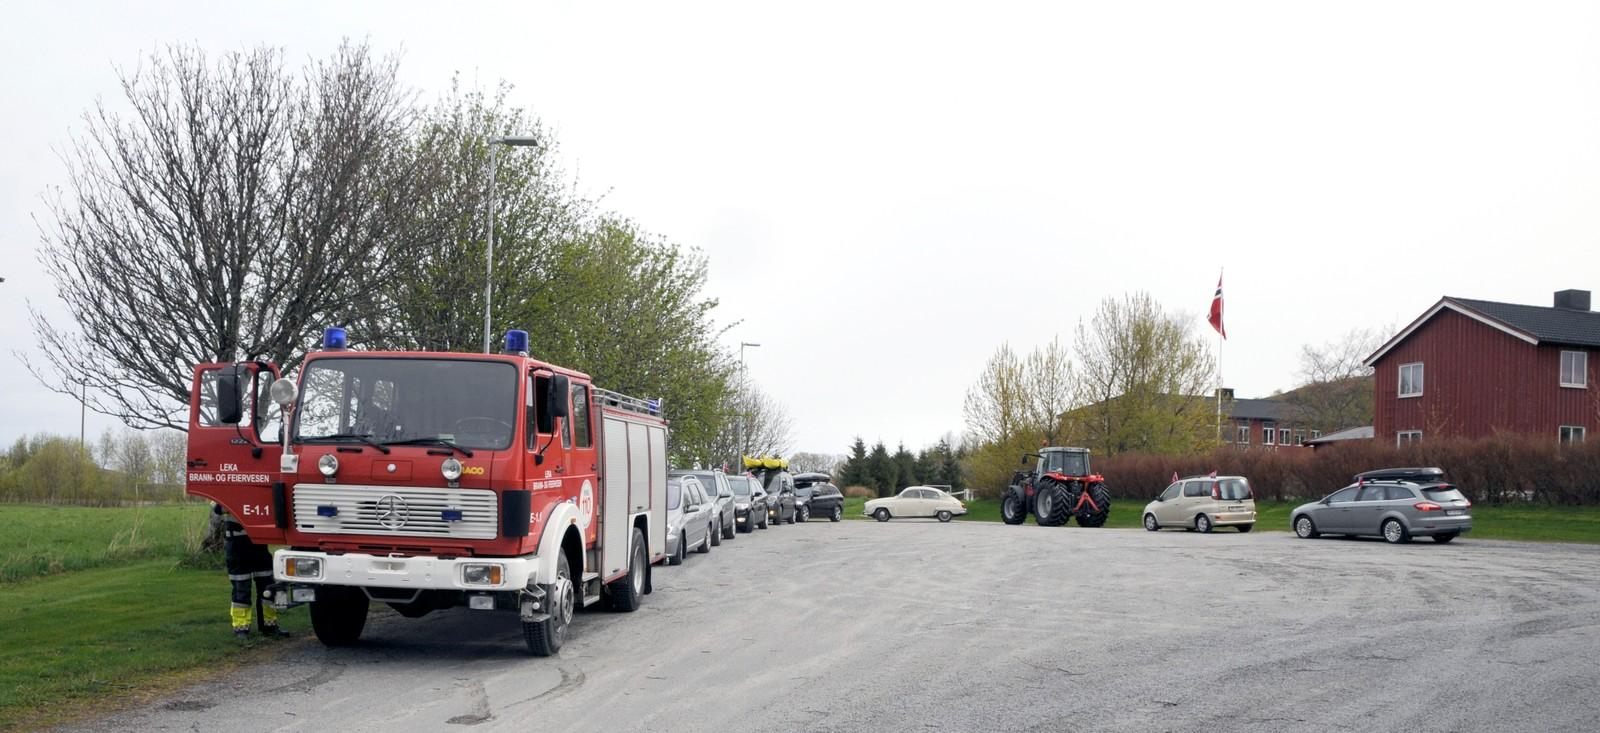 Et av høydepunktene på turene til Tom og Therese var 17.mai-feiring i Leka i Nord-Trøndelag. Toget der var en bilkortesje med brann- og politibil, veteraner, vanlige biler og en traktor som kjørte i 20 kilometer i timen over hele øya.